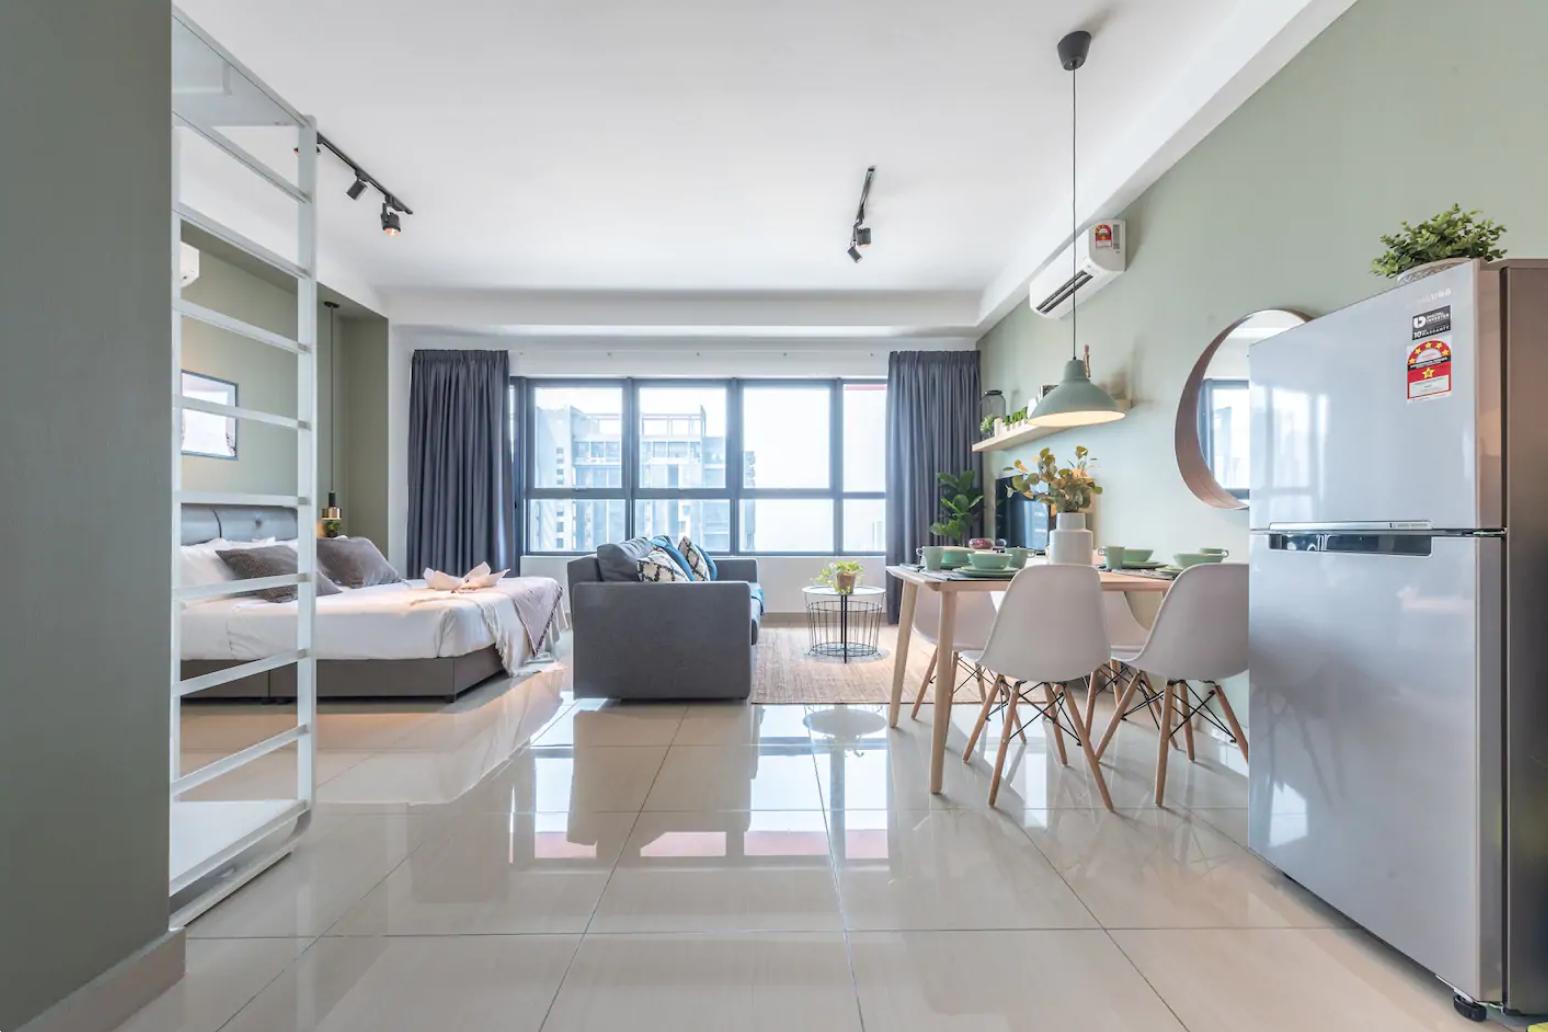 吉隆坡住宿-吉隆坡民宿-雙峰塔景觀舒適雅室